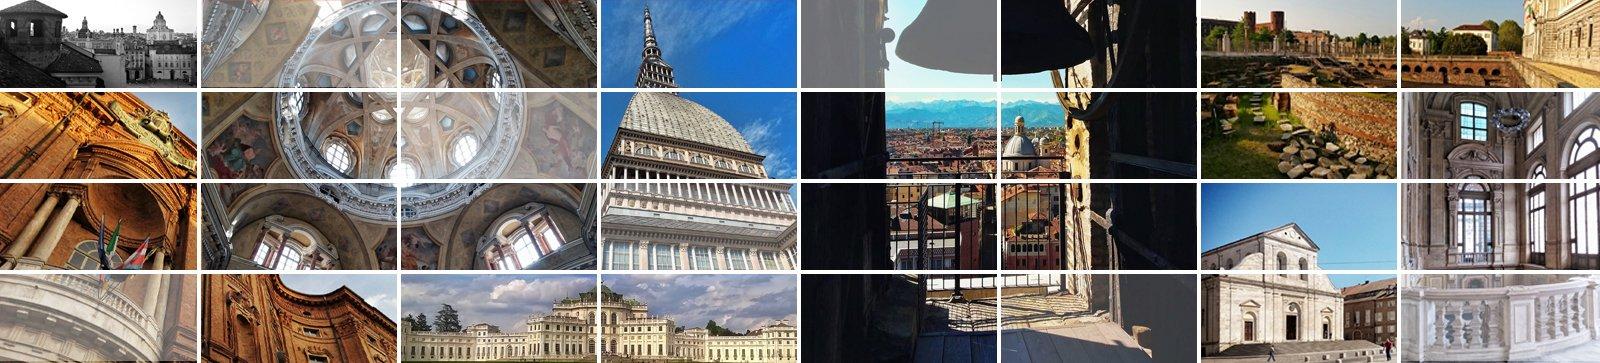 immagine pagina newsletter: collage di foto di Torino